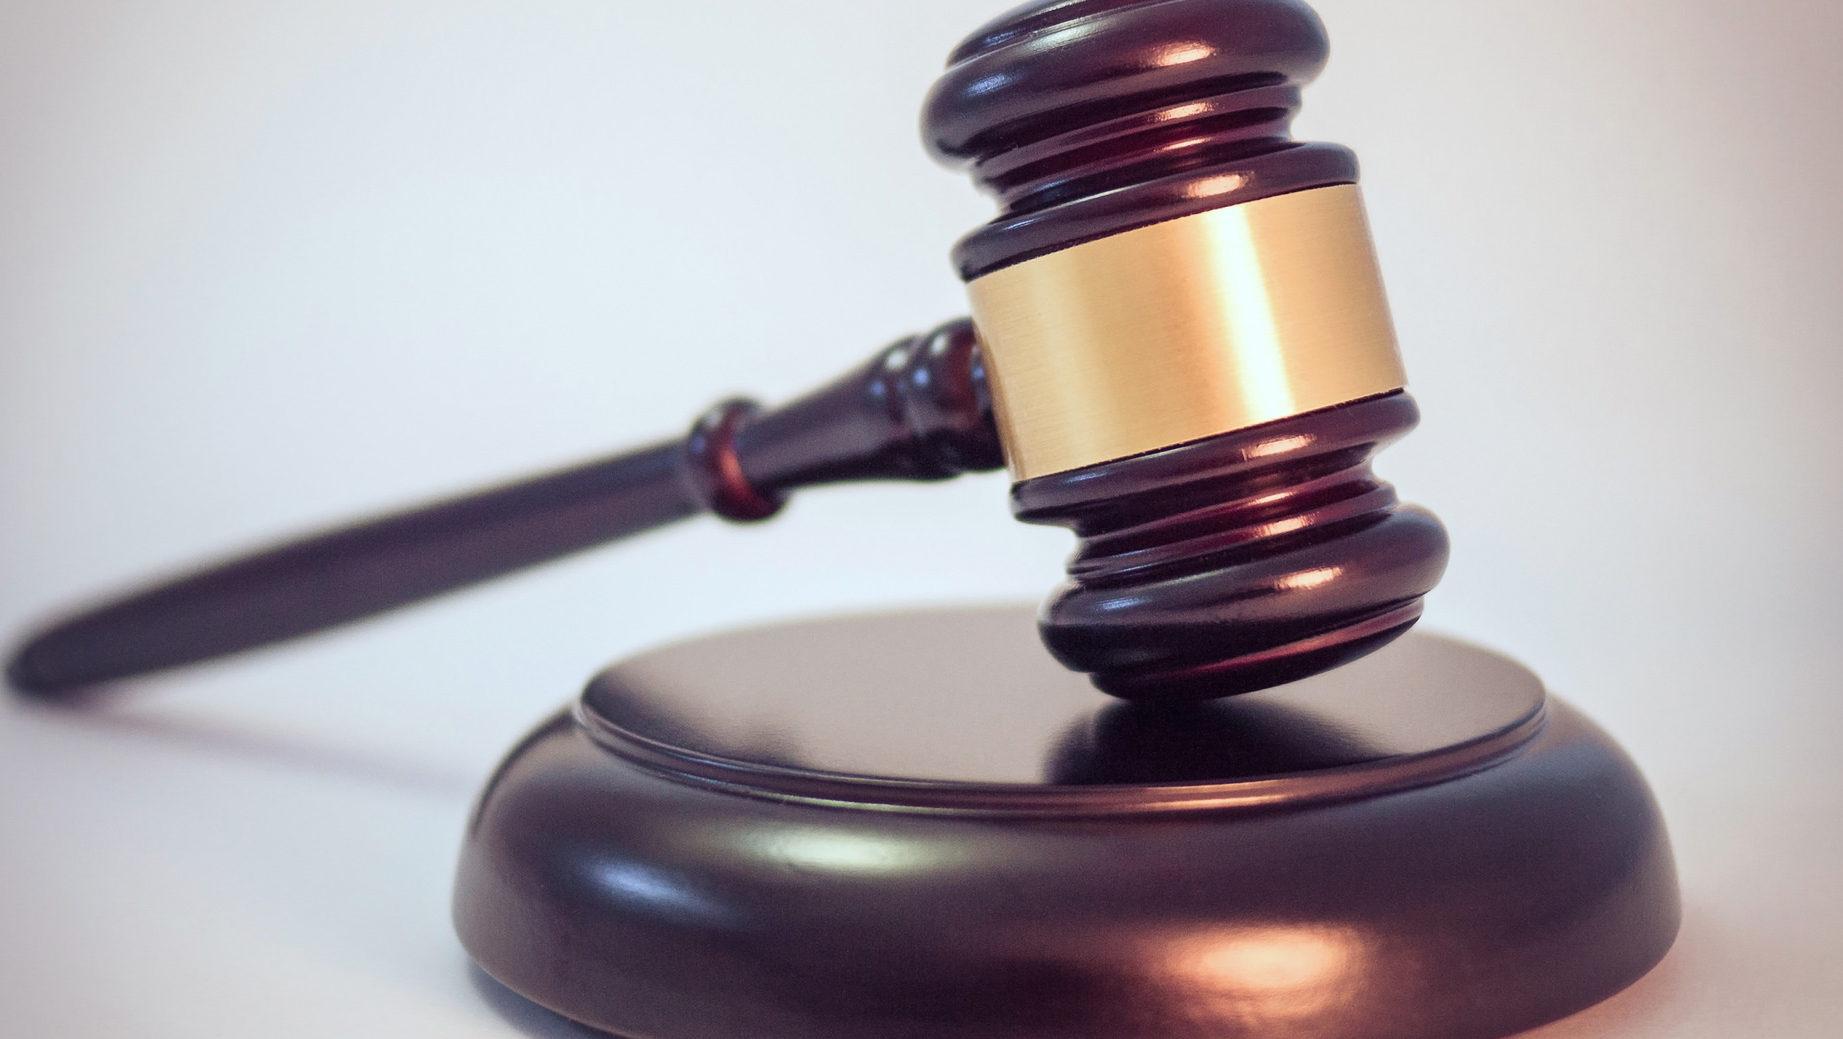 ייצוגית נגד חברות ביטוח: ממשיכות שלא לשלם ריבית על תגמולי ביטוח למרות החלטת בית המשפט